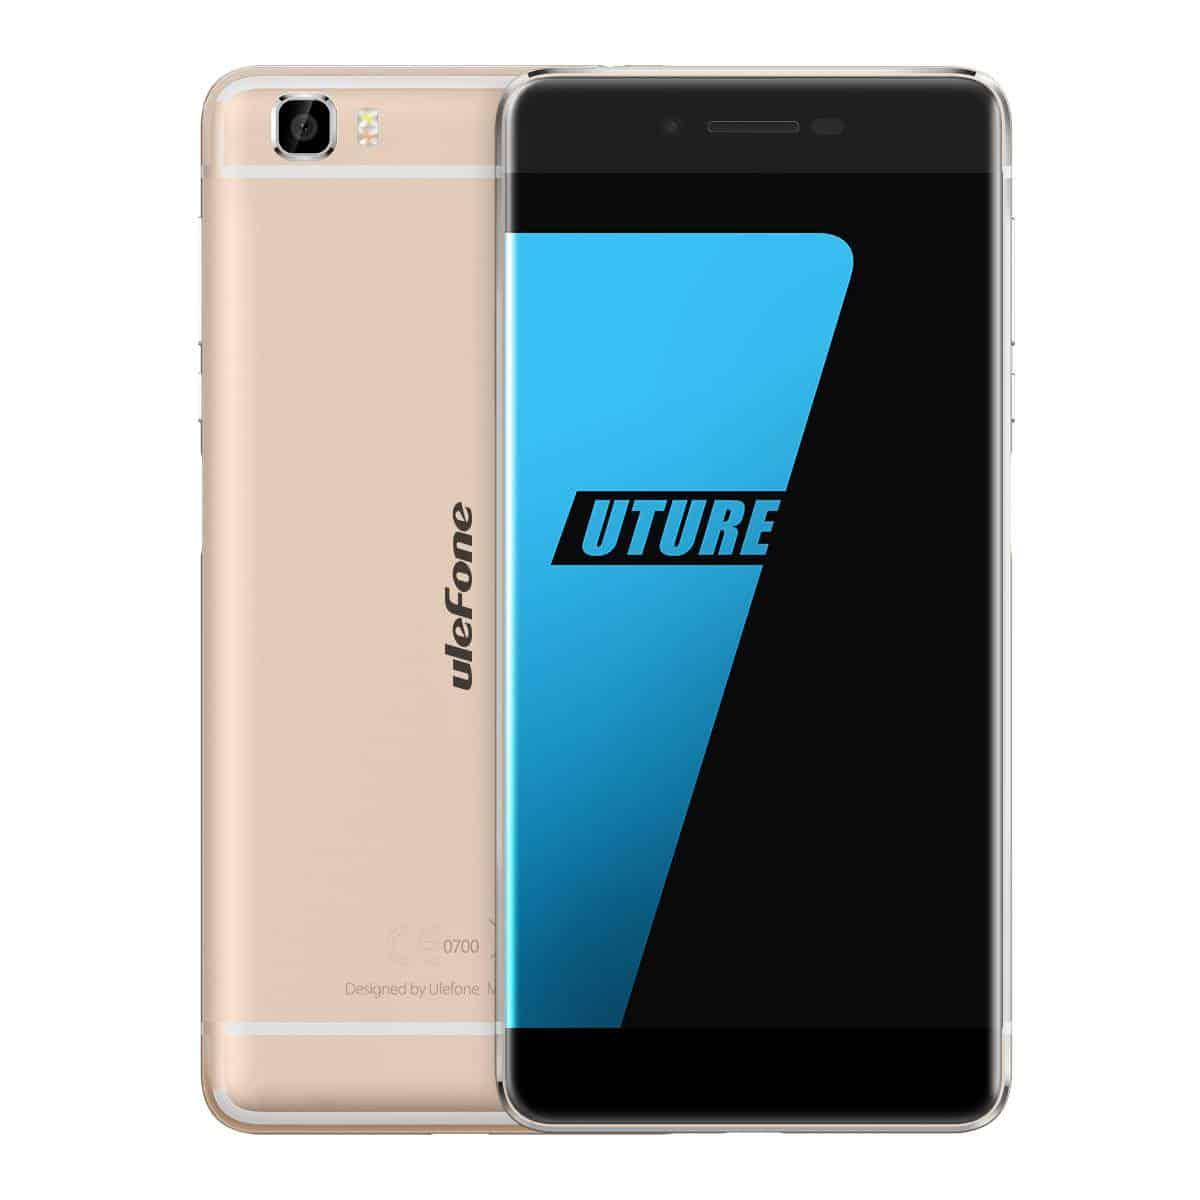 Ulefone Future 6